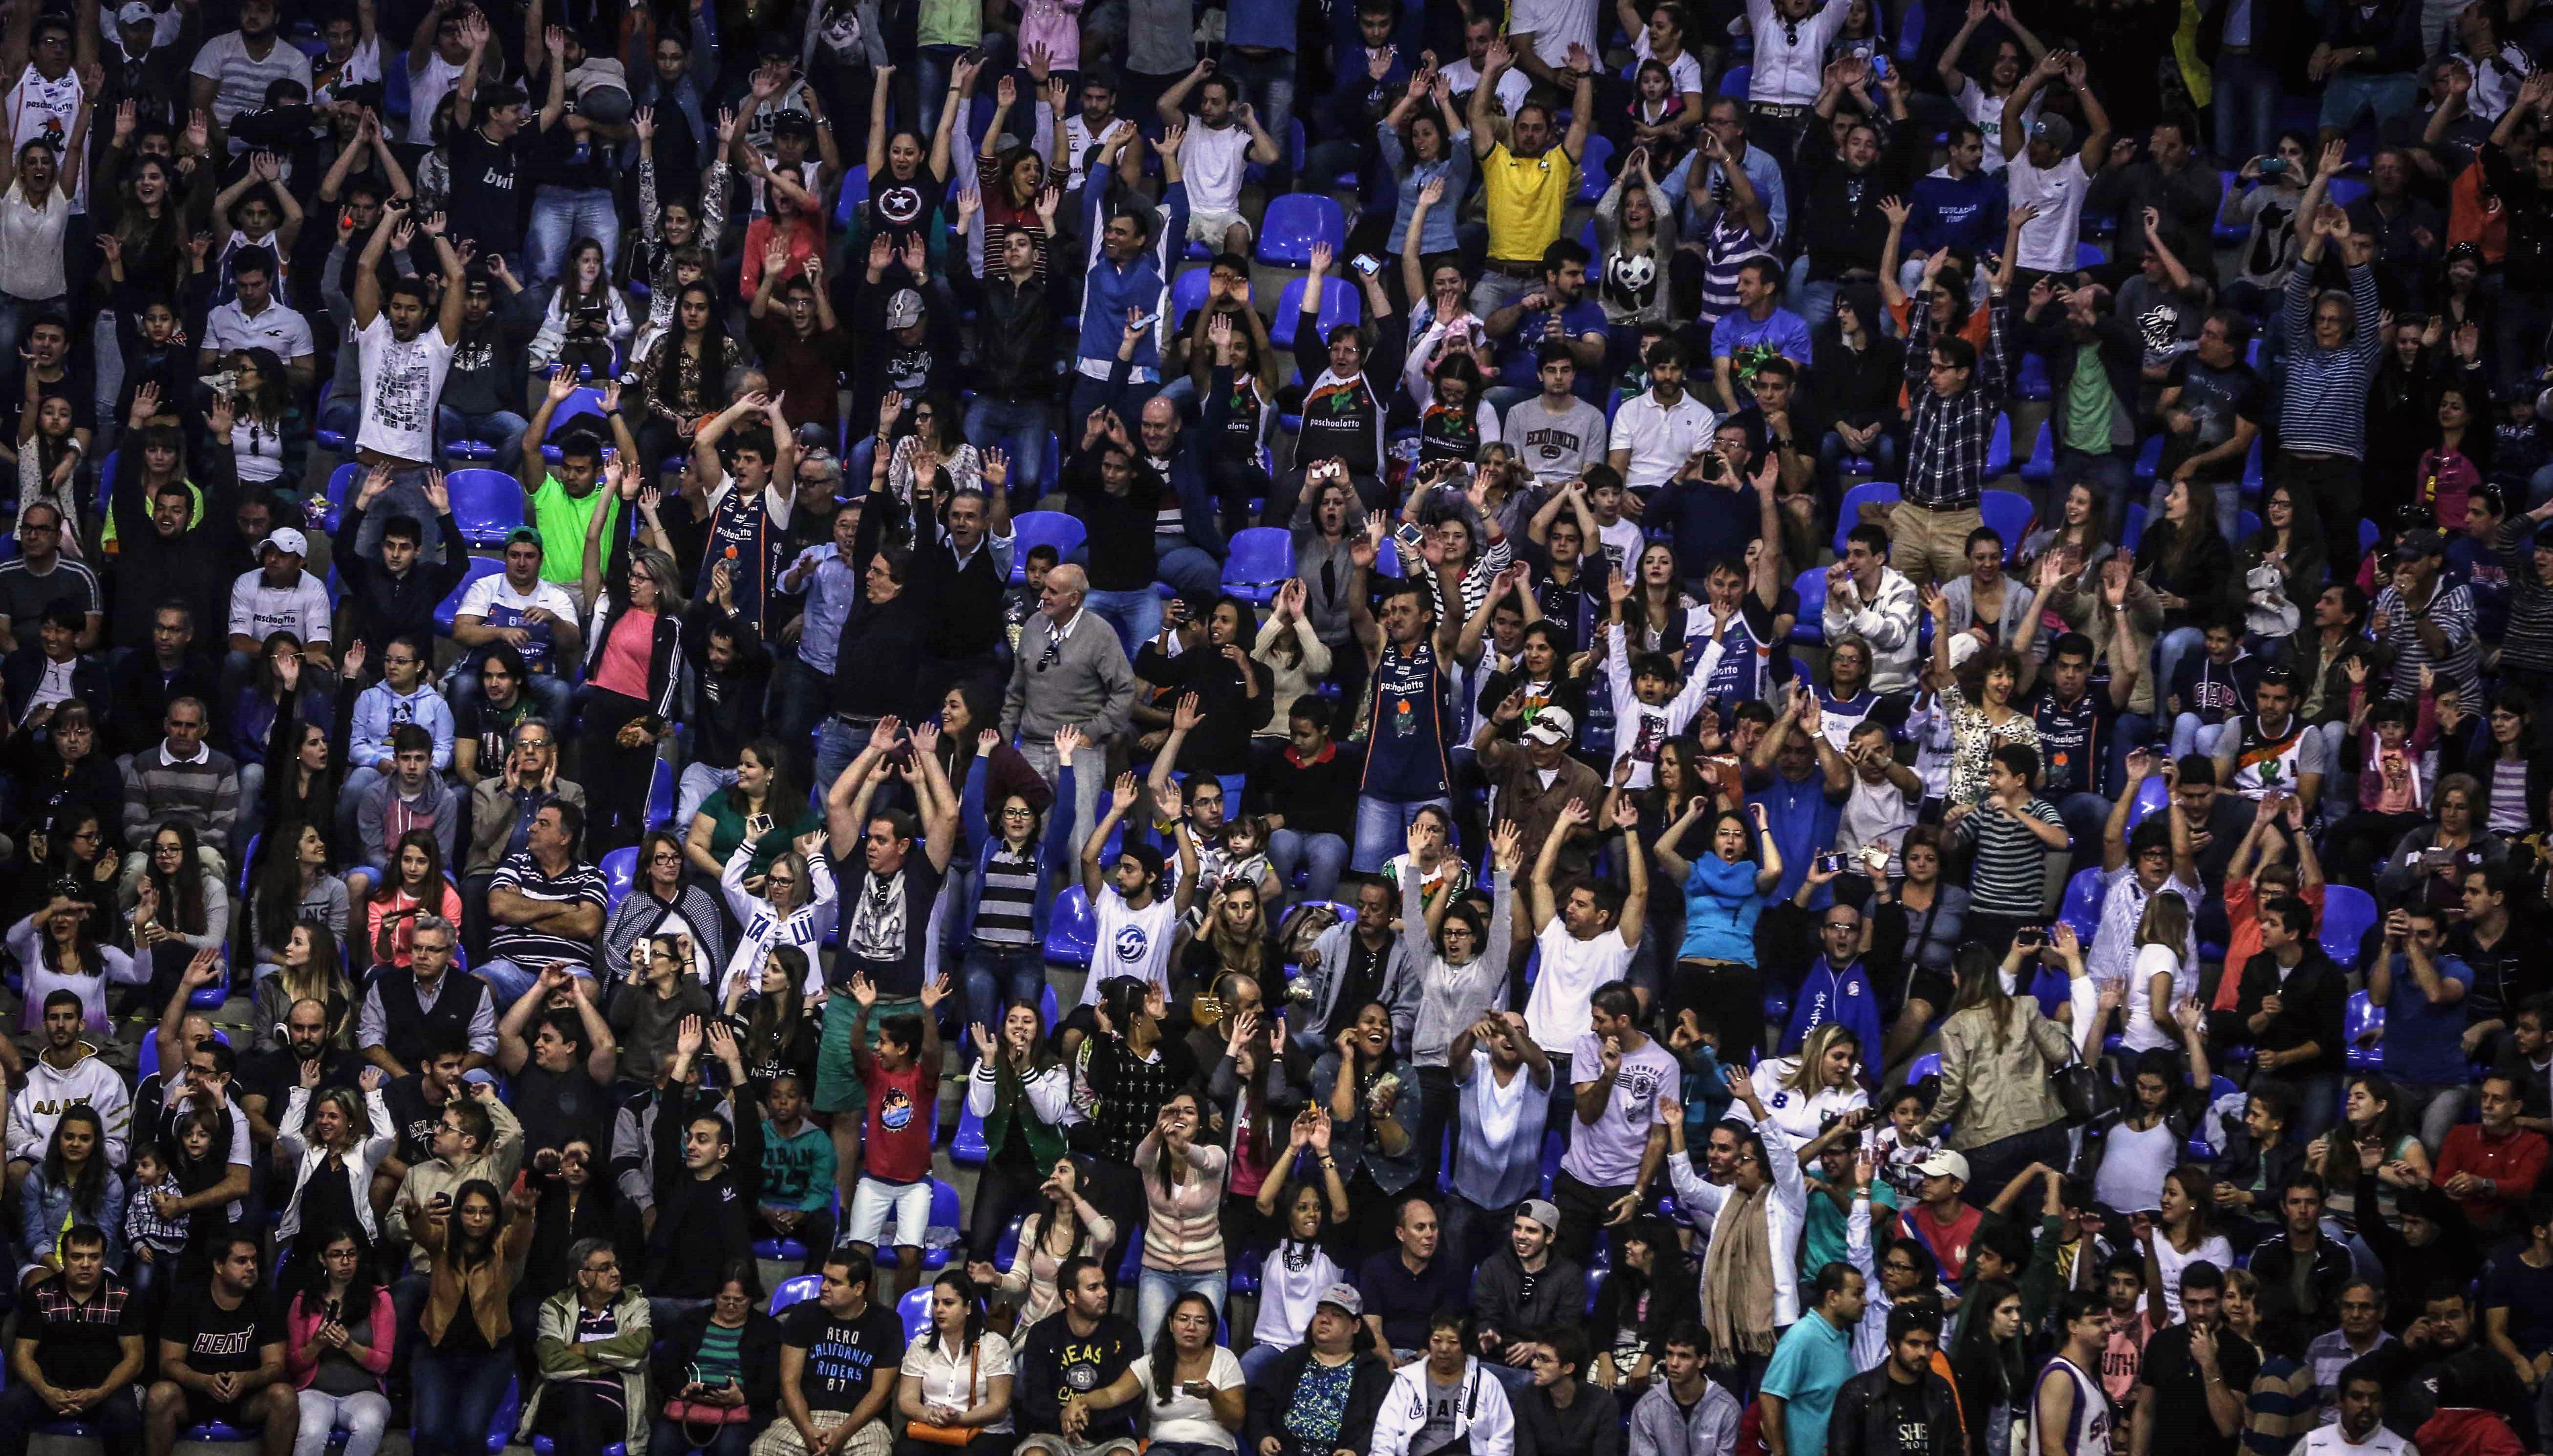 Torcida bauruense terá a chance de acompanhar de perto a equipe na luta pelo título mundial (João Pires/LNB)